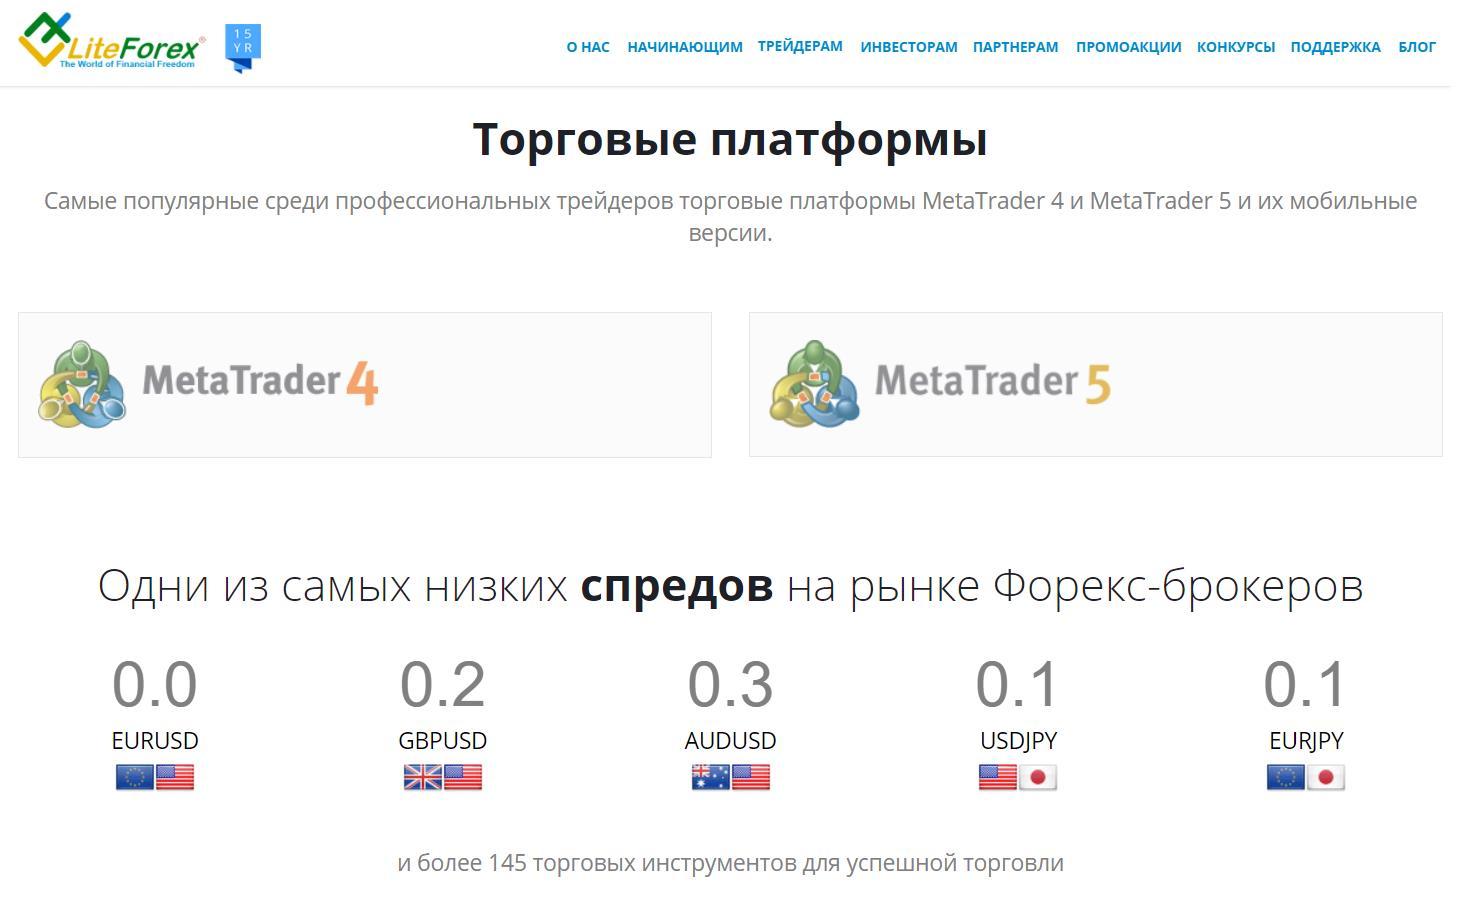 торговые платформы liteforex